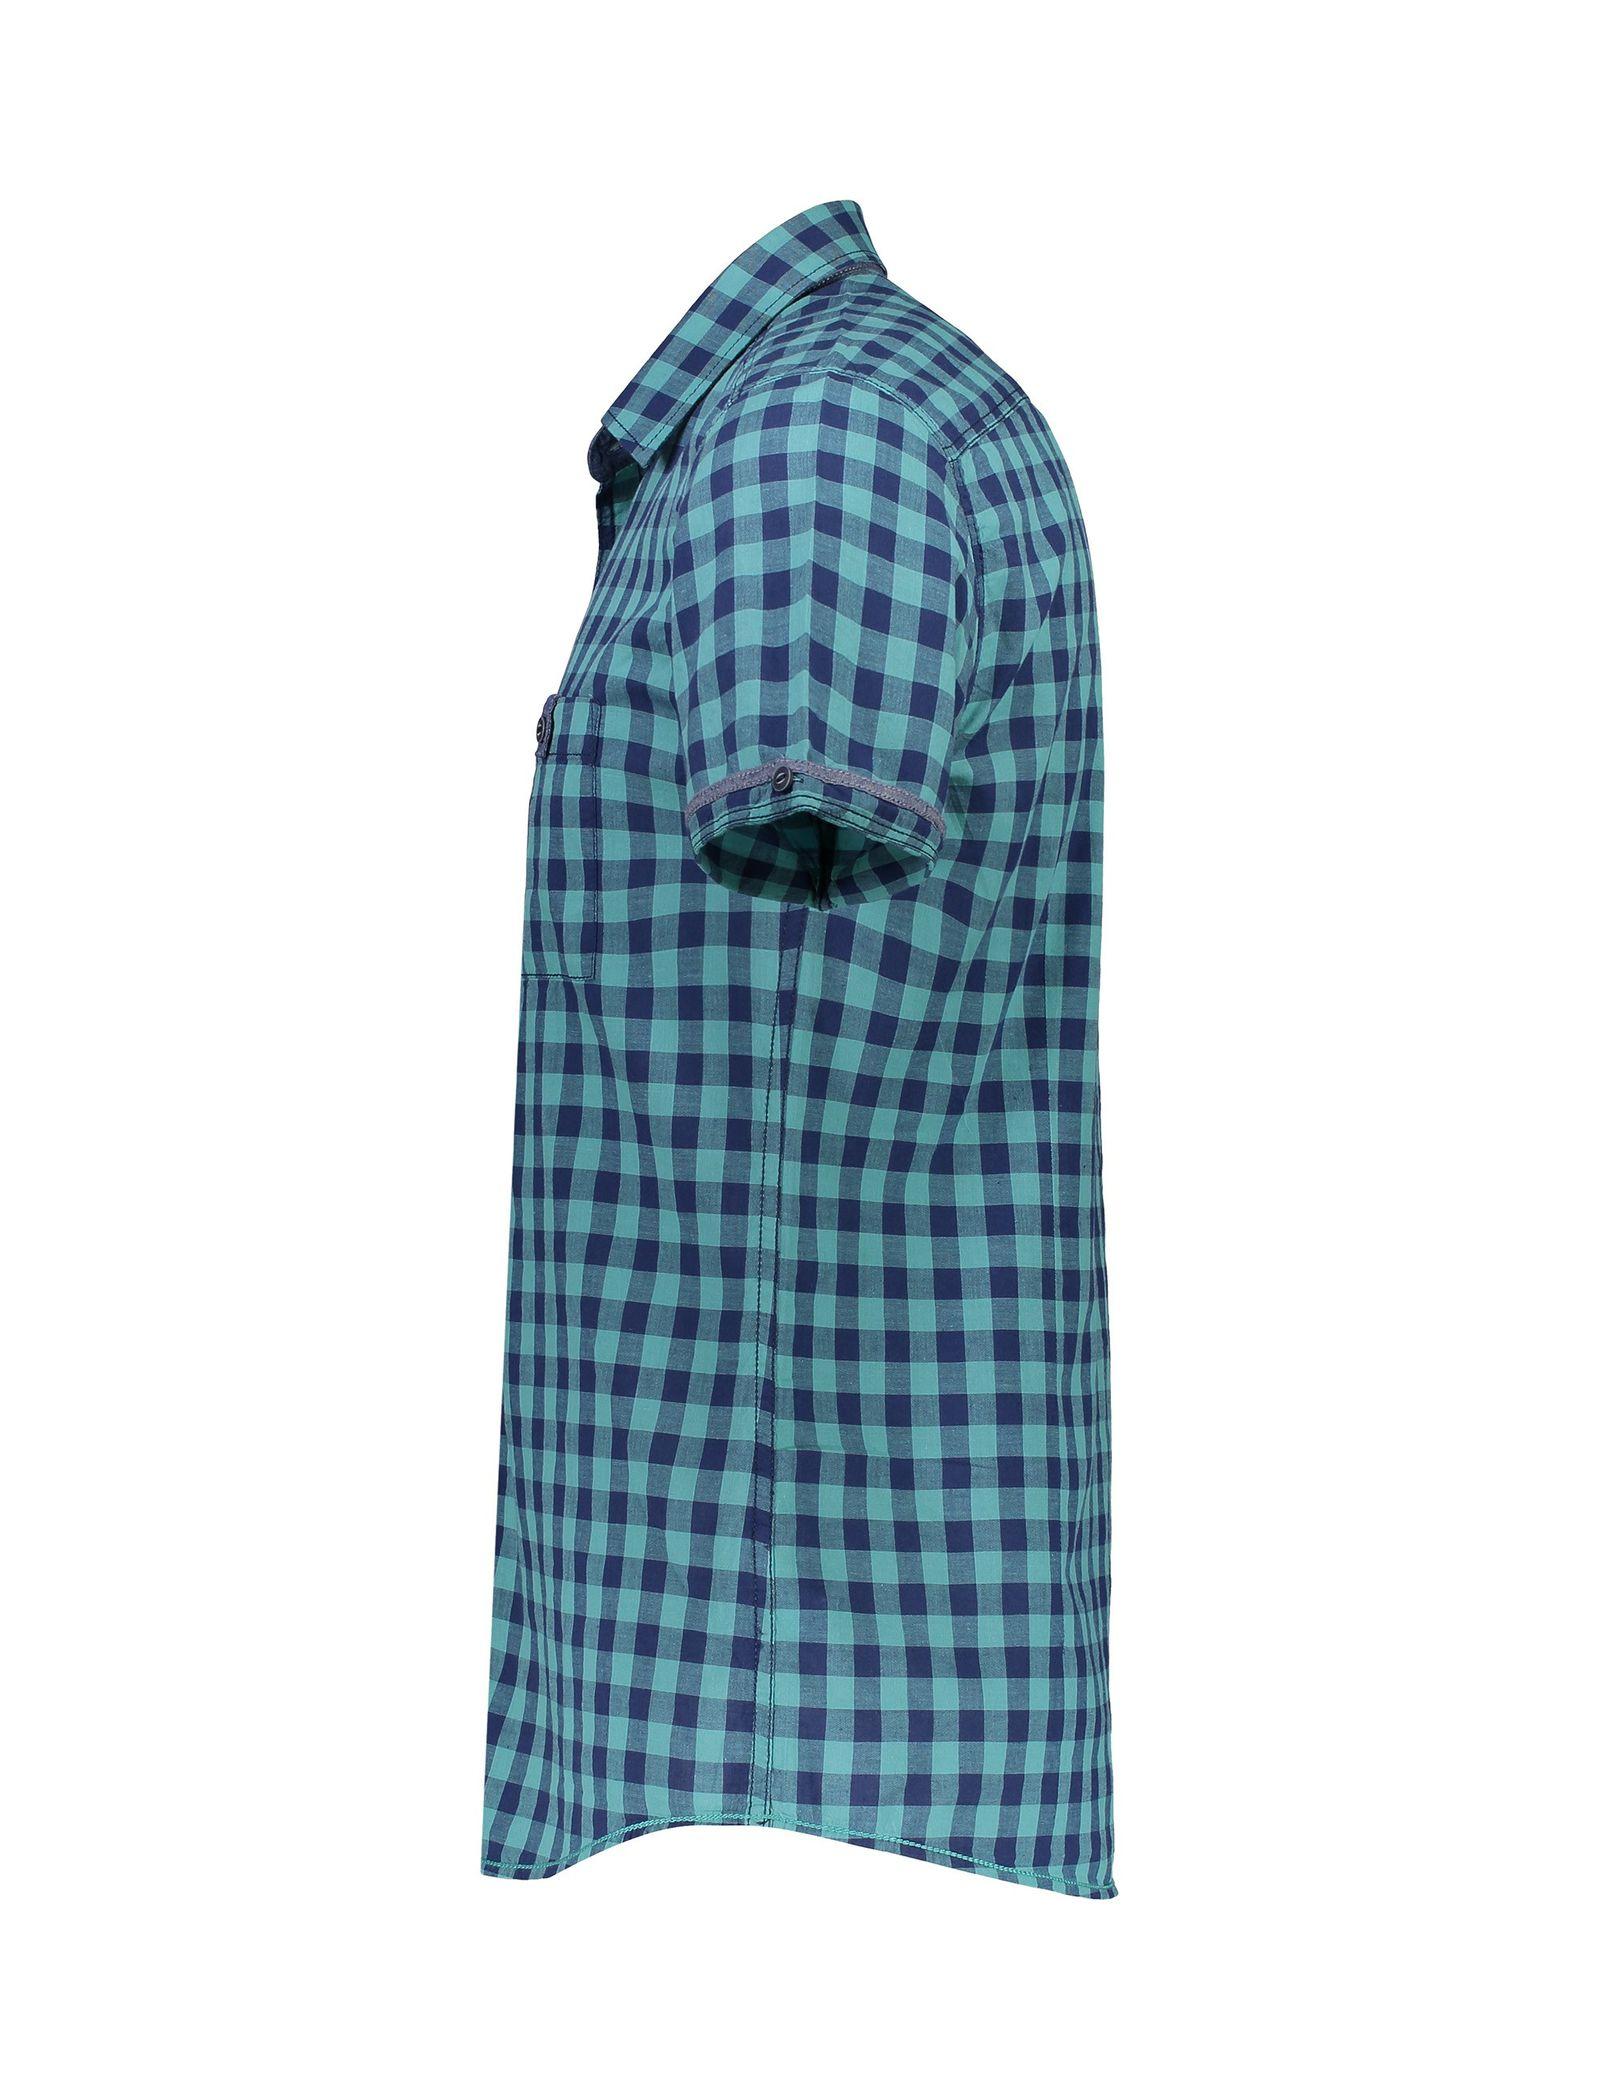 پیراهن نخی آستین کوتاه مردانه - ال سی وایکیکی - سبز آبي - 3